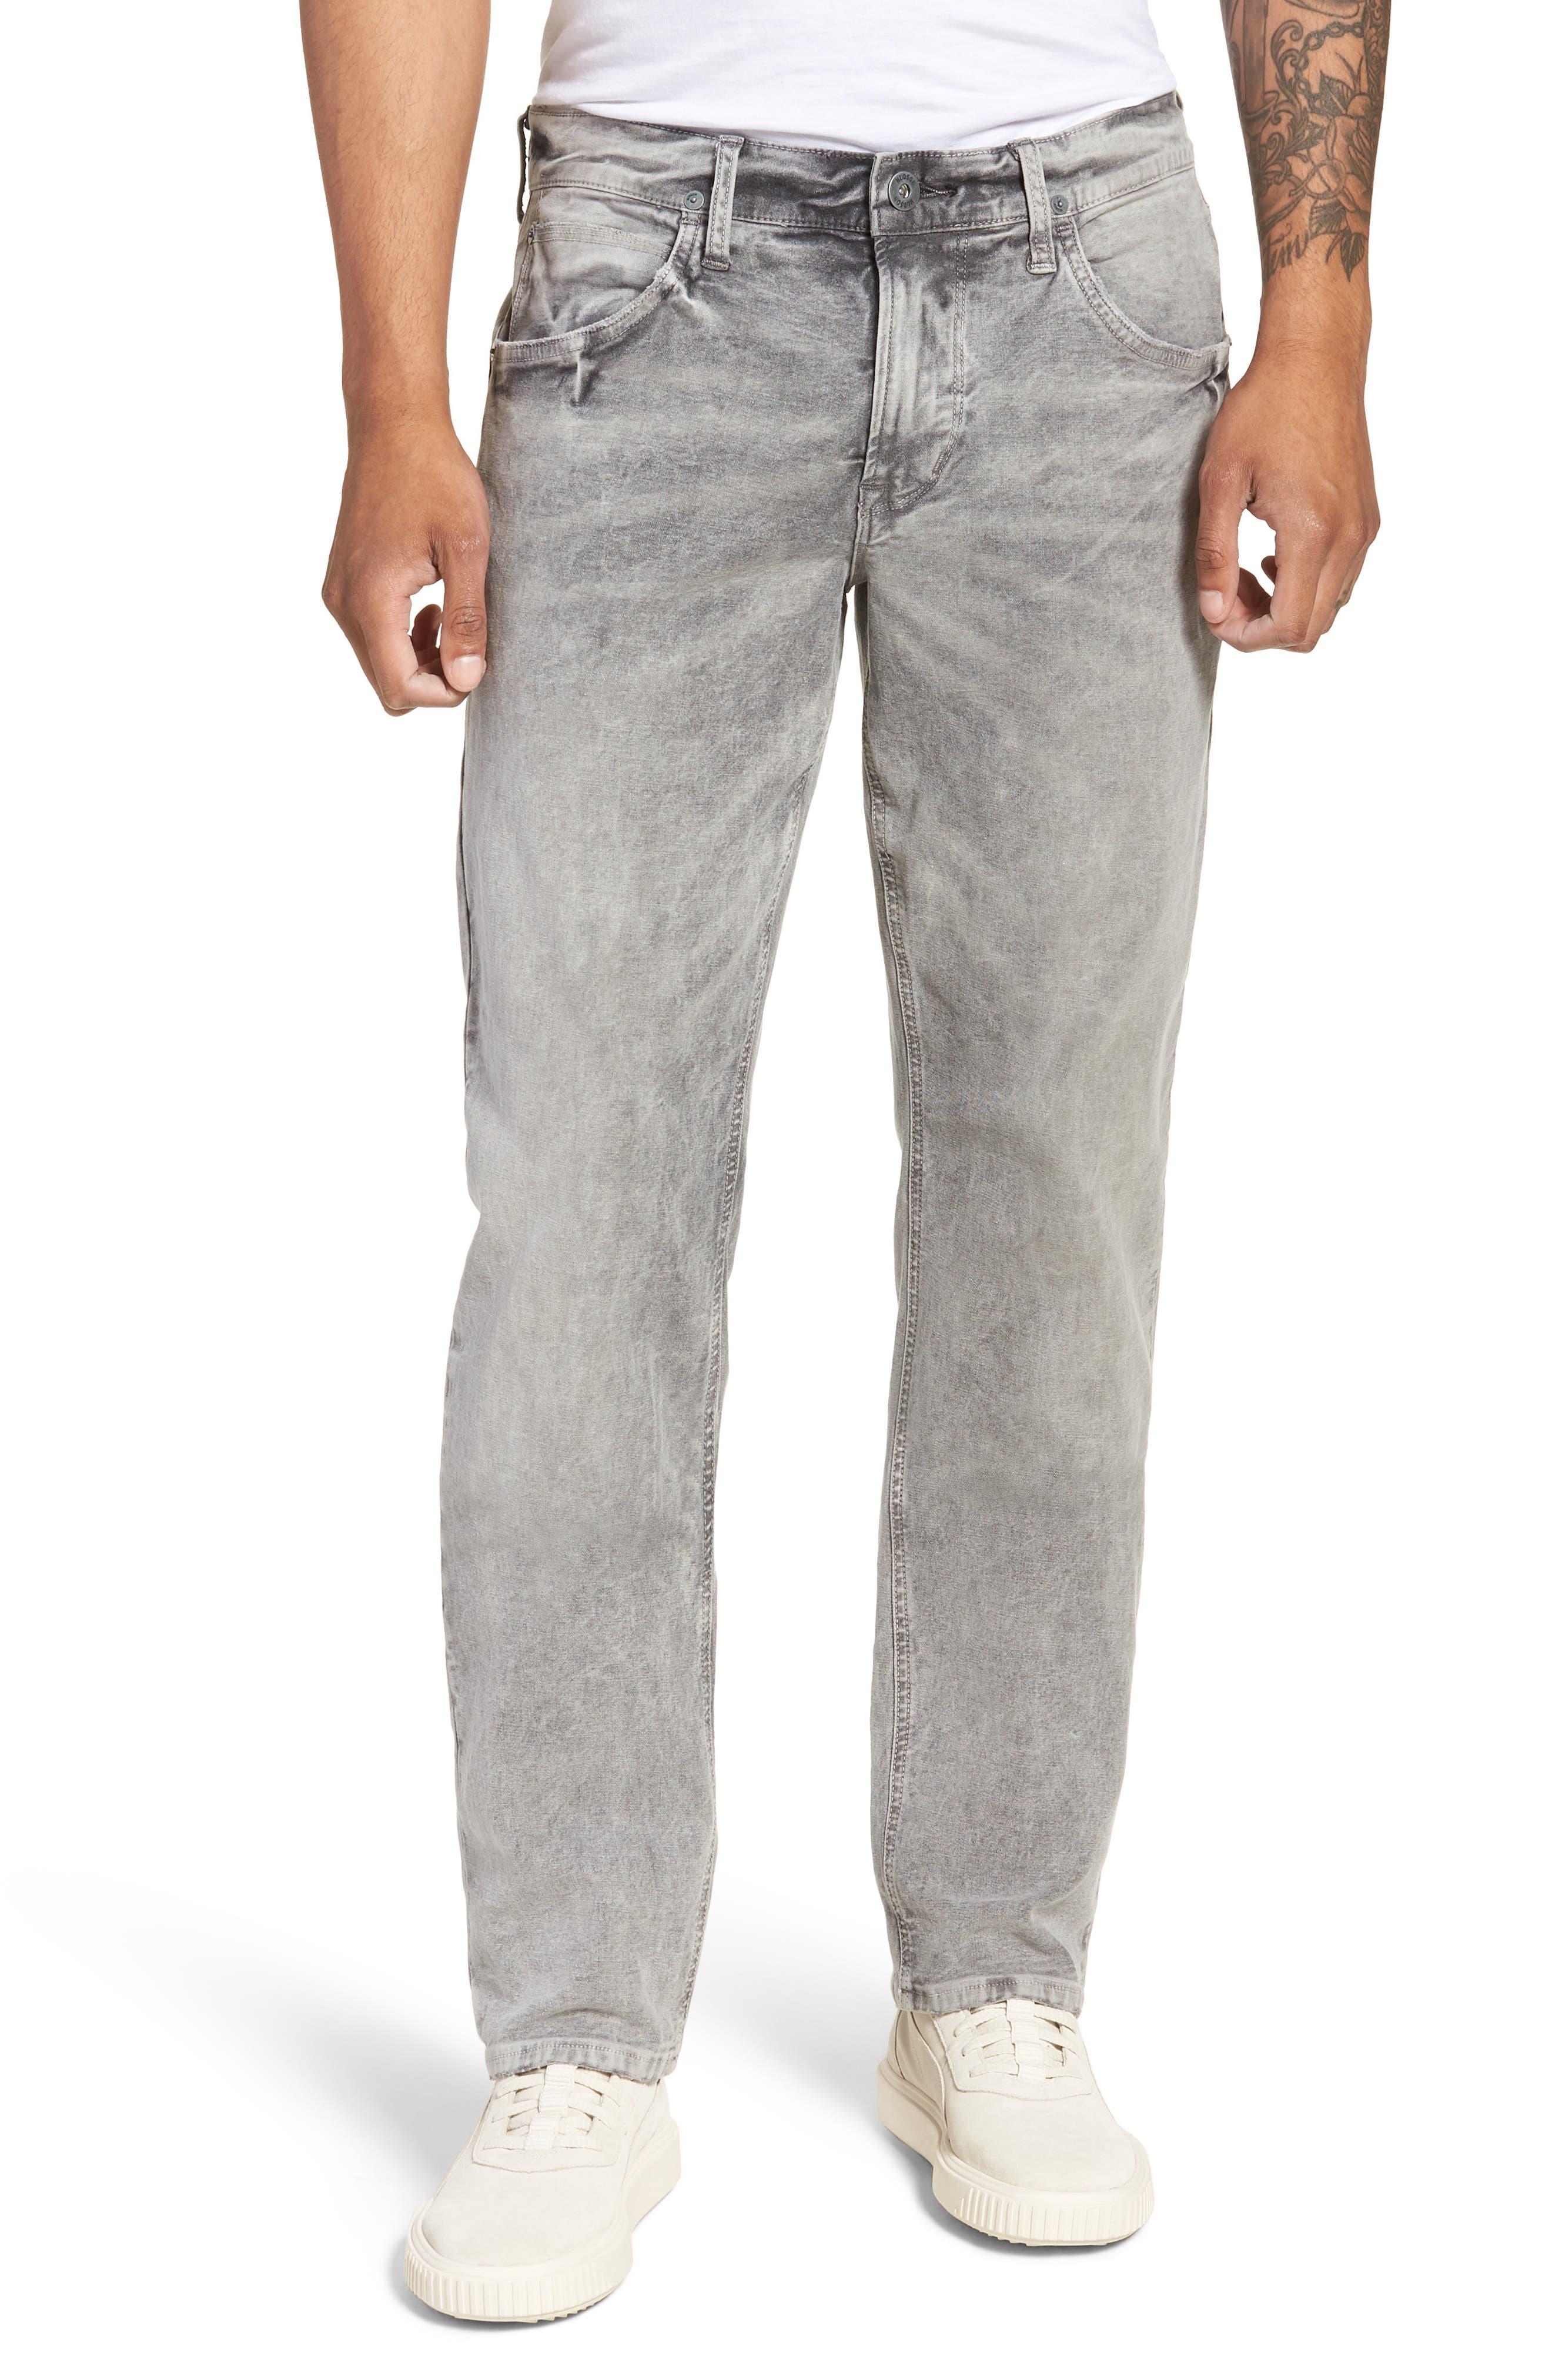 Blake Slim Fit Jeans,                         Main,                         color, Deceiving